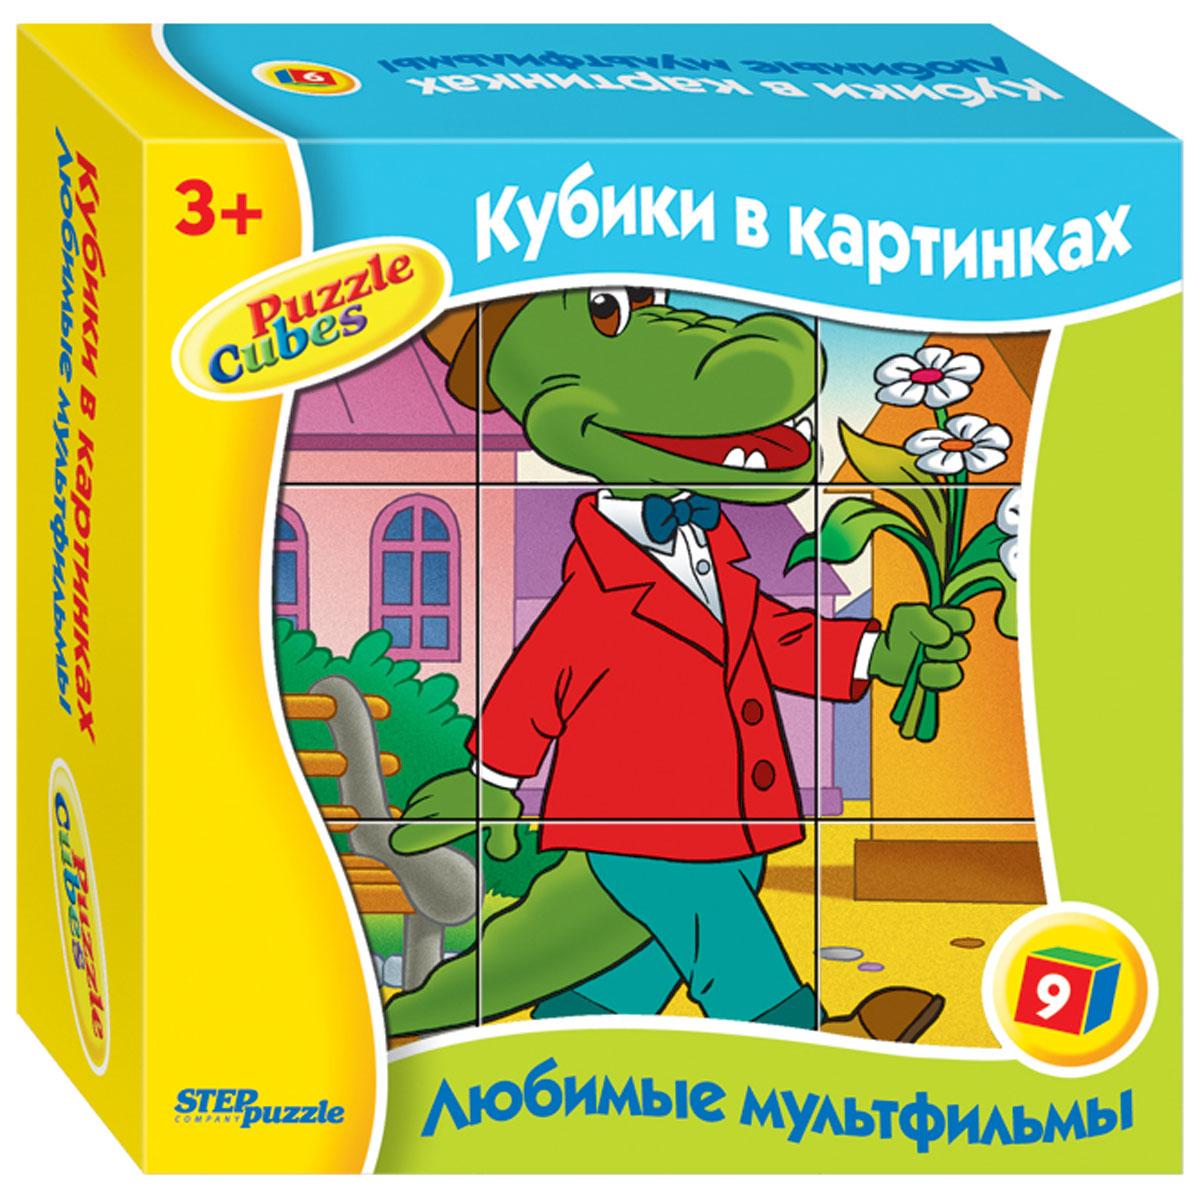 Step Puzzle Кубики Крокодил Гена87310С помощью кубиков Step Puzzle Крокодил Гена ребенок сможет собрать целых шесть красочных картинок с героями из любимых мультфильмов. Игра с кубиками развивает зрительное восприятие, наблюдательность, мелкую моторику рук и произвольные движения. Ребенок научится складывать целостный образ из частей, определять недостающие детали изображения. Это прекрасный комплект для развлечения и времяпрепровождения с пользой для малыша.